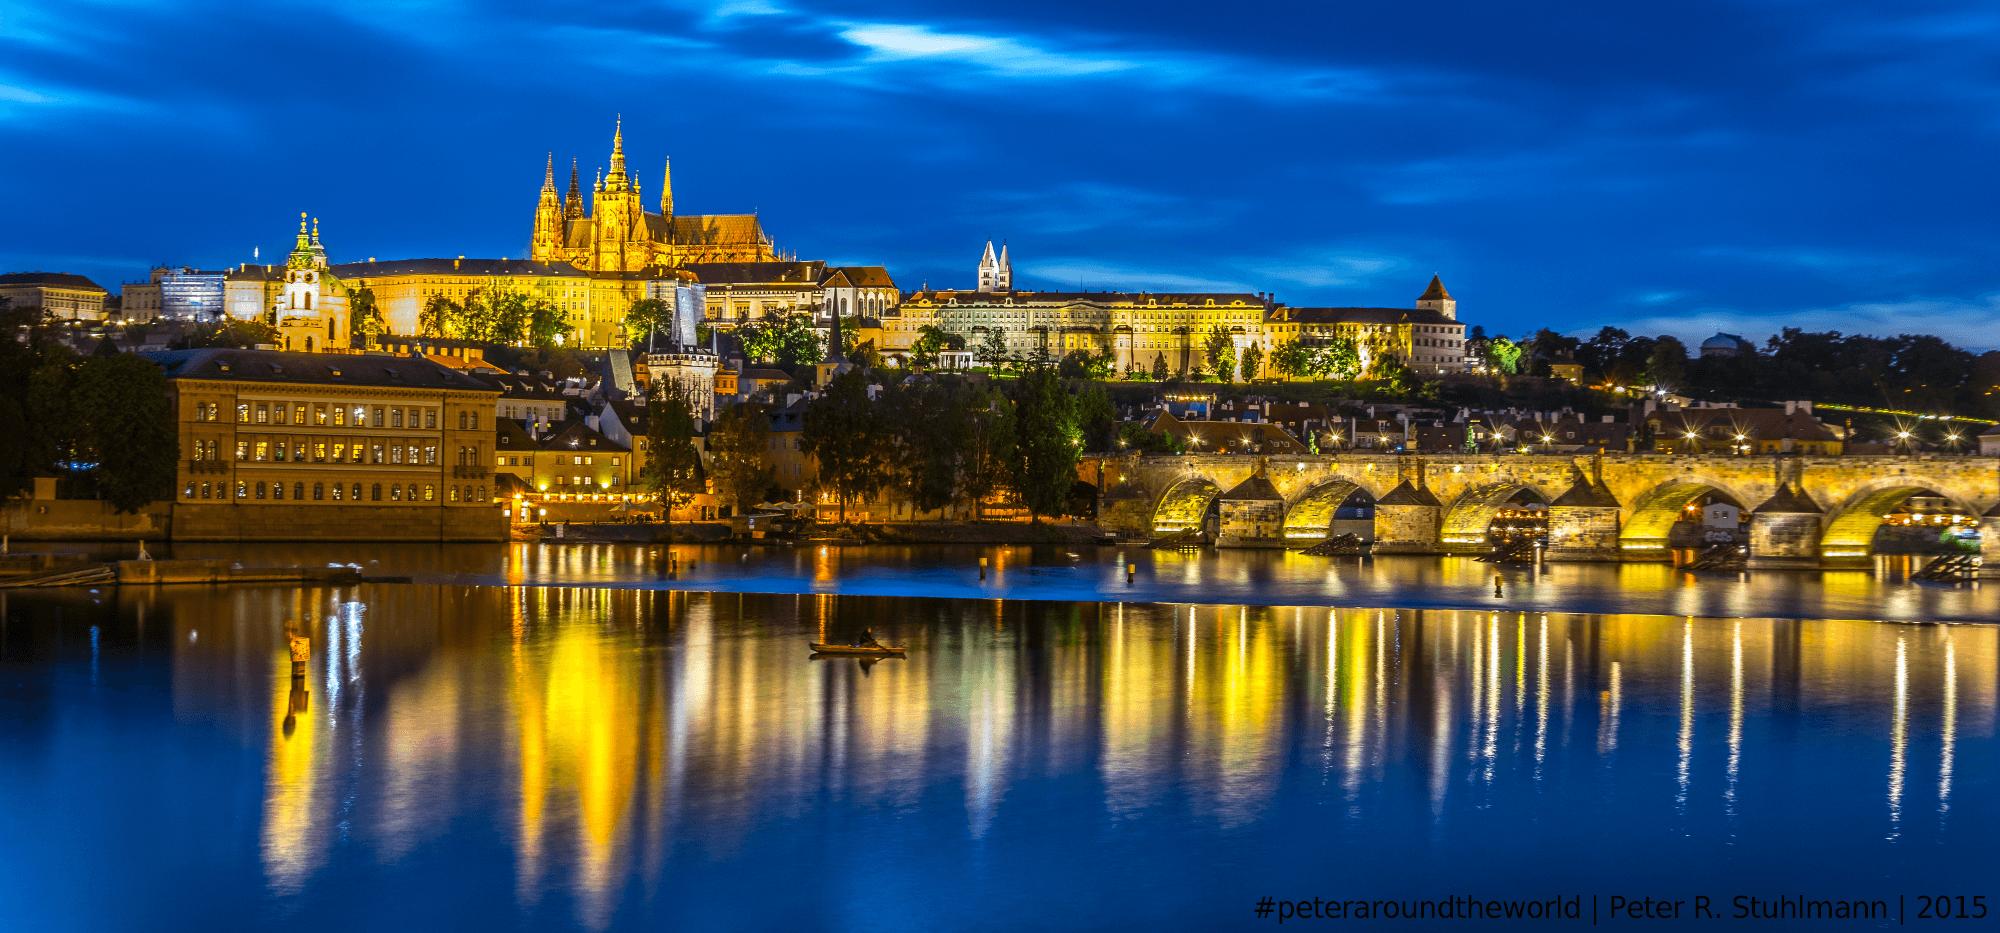 Prag bei Nacht, ein wunderschöner Anblick.